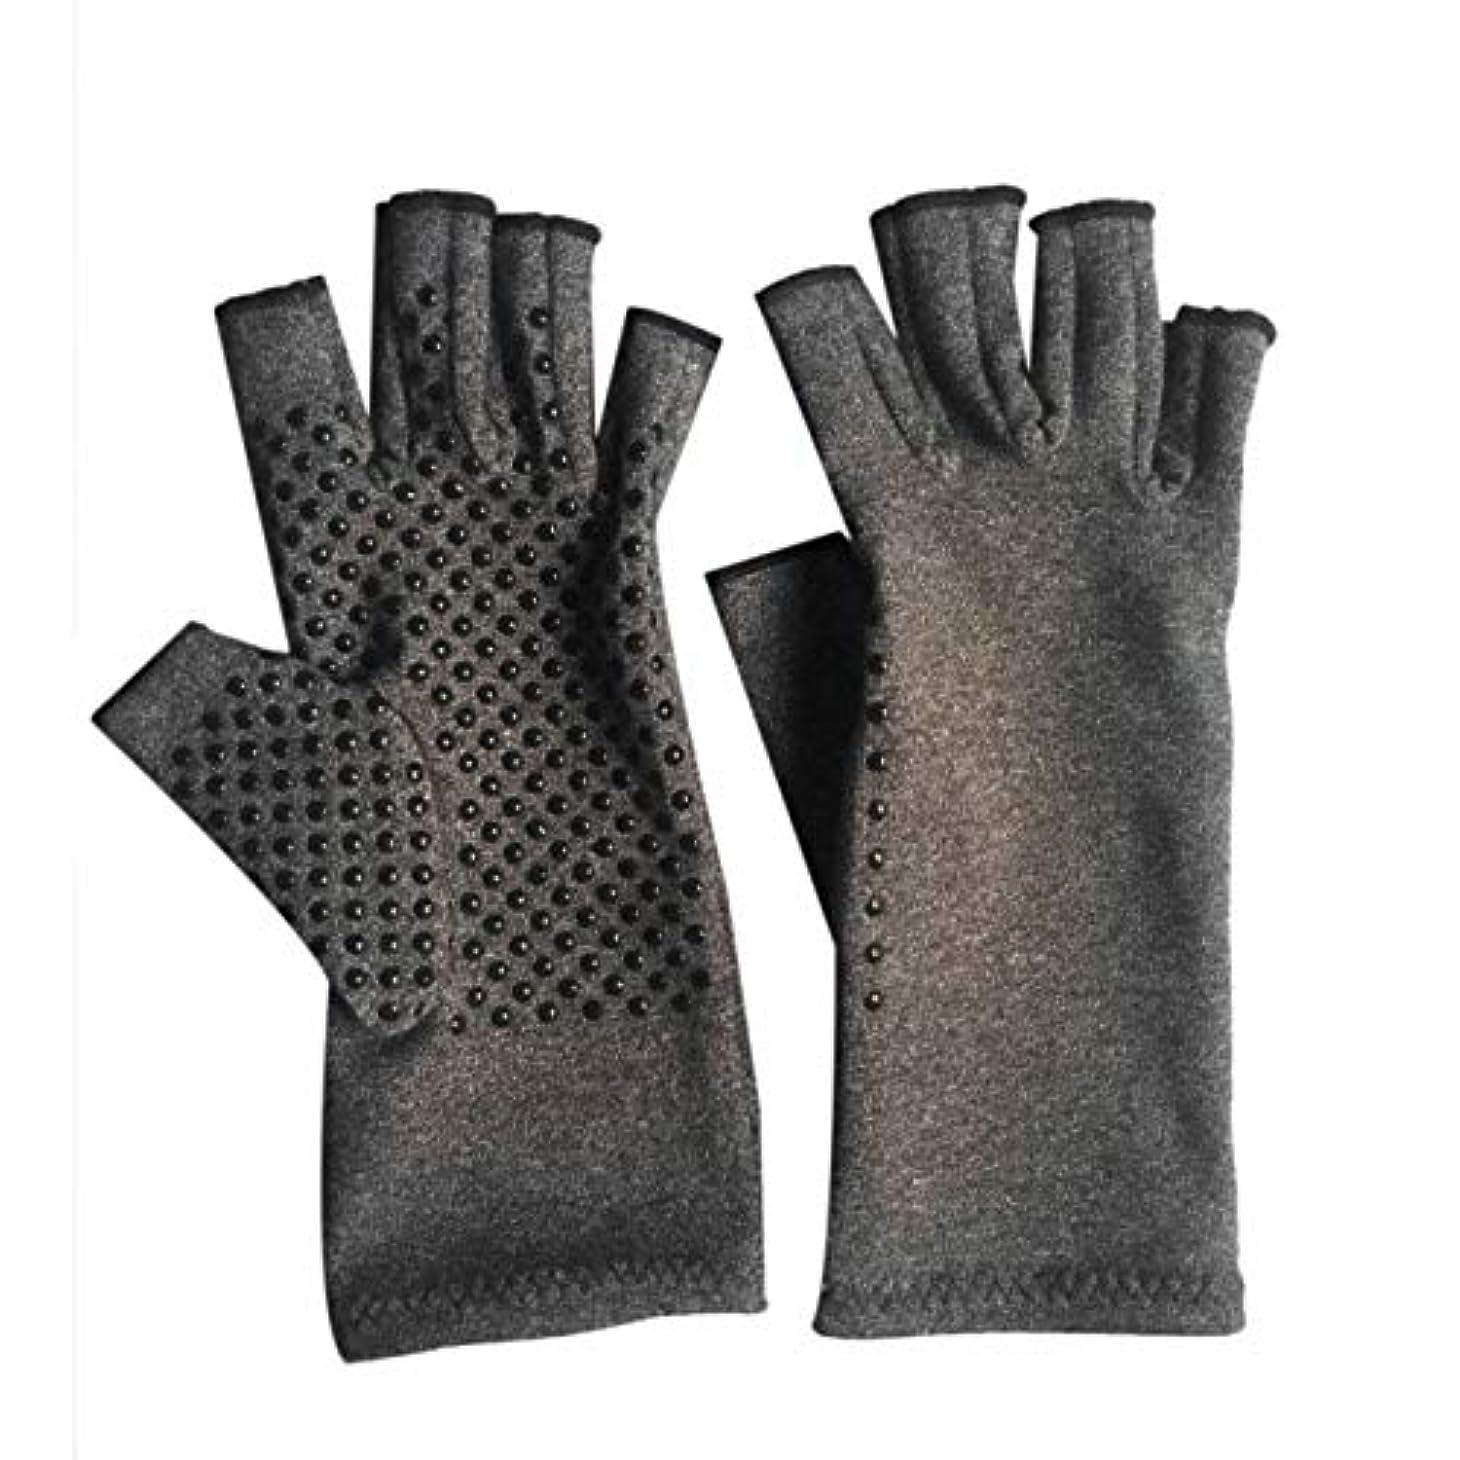 啓示メンタルコメントDeeploveUU 1ペアユニセックス男性女性療法圧縮手袋関節炎関節痛緩和ヘルスケアハーフフィンガーグローブトレーニンググローブ